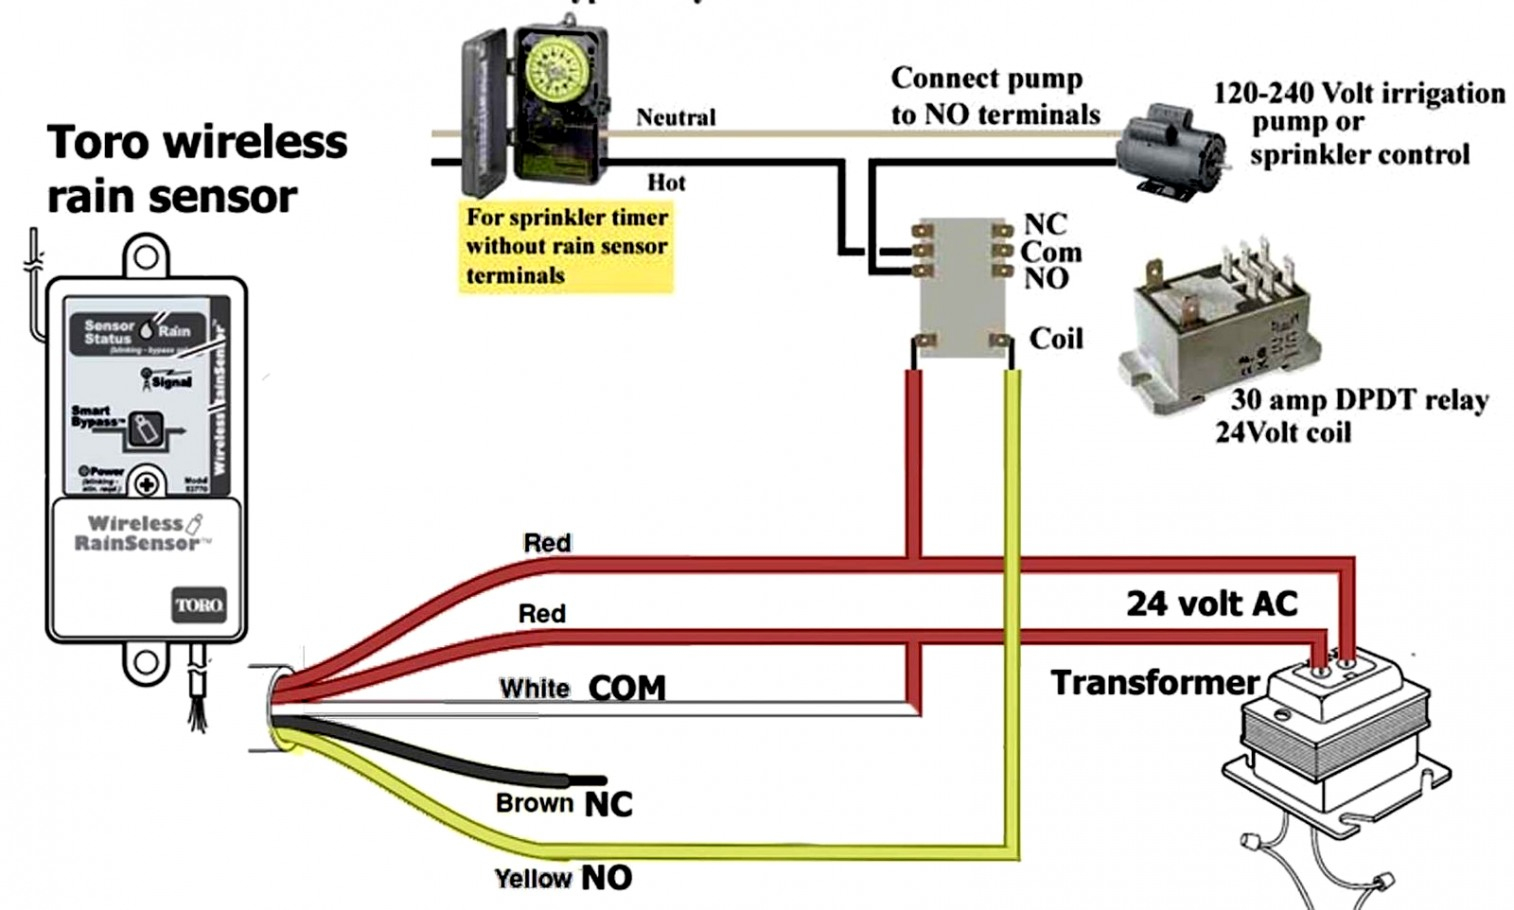 Elegant Of 277 Volt Wiring Diagram Simple - Wiringdiagramsdraw - 24 Volt Wiring Diagram